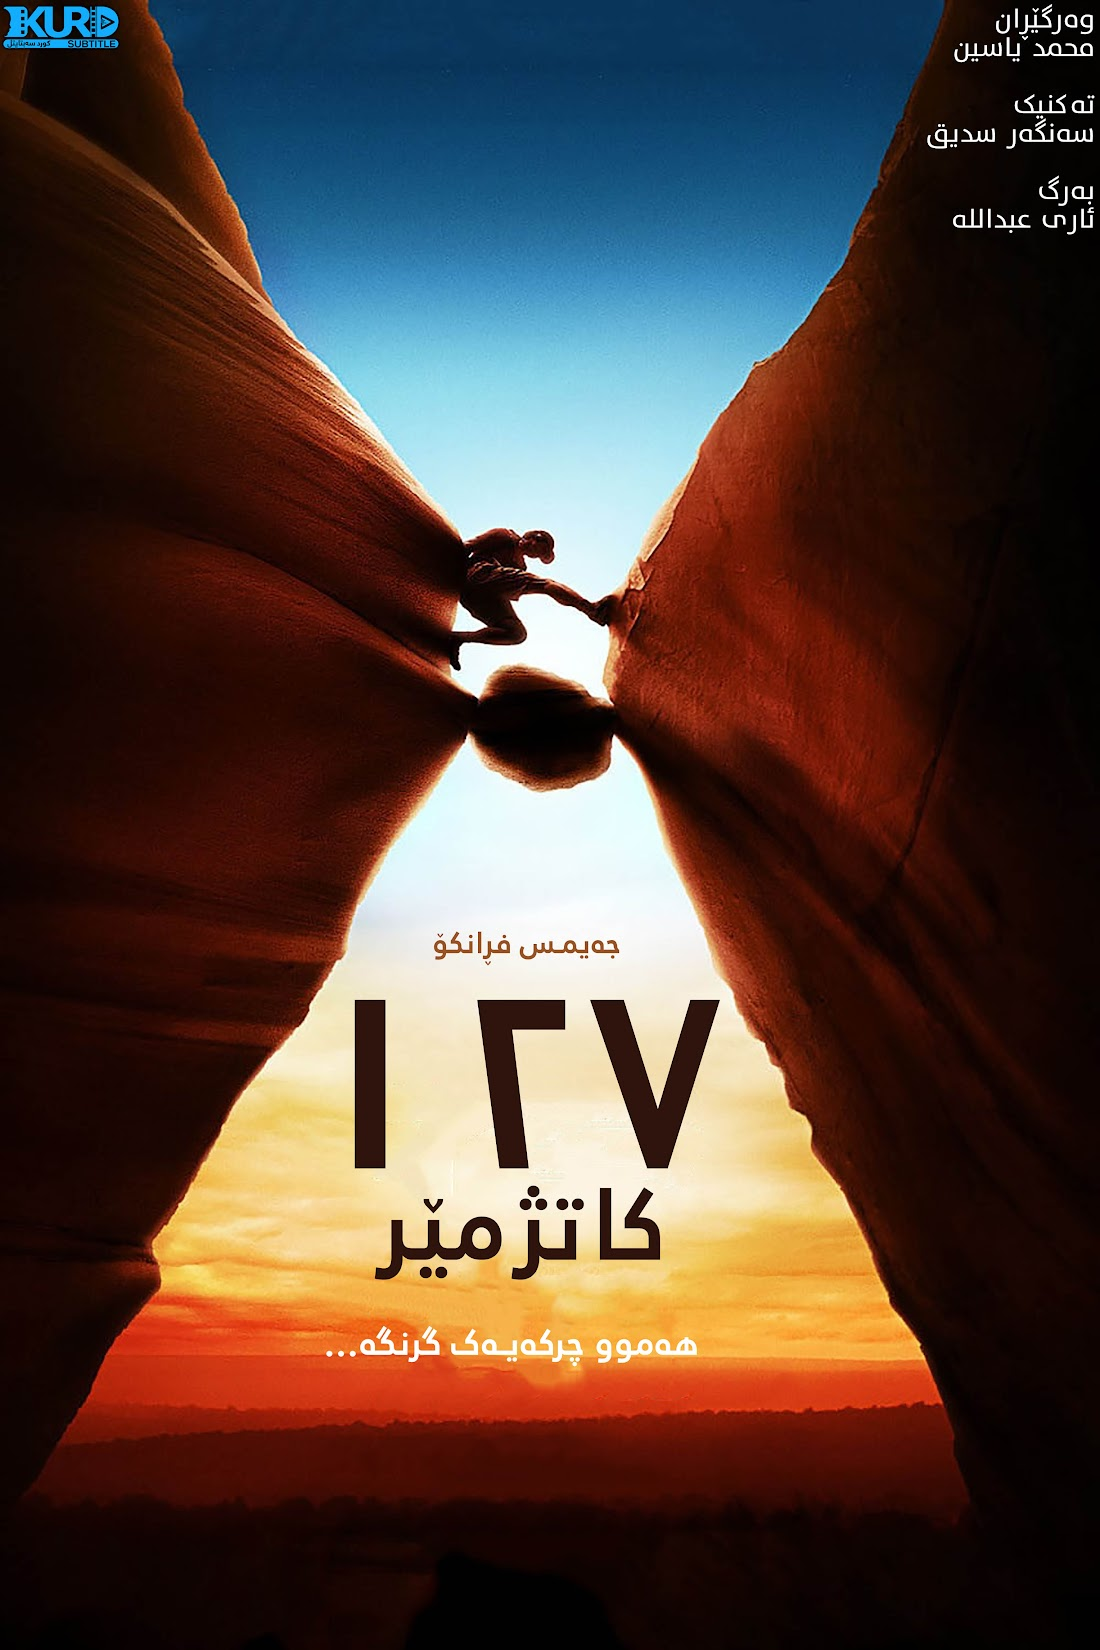 127 Hours kurdish poster